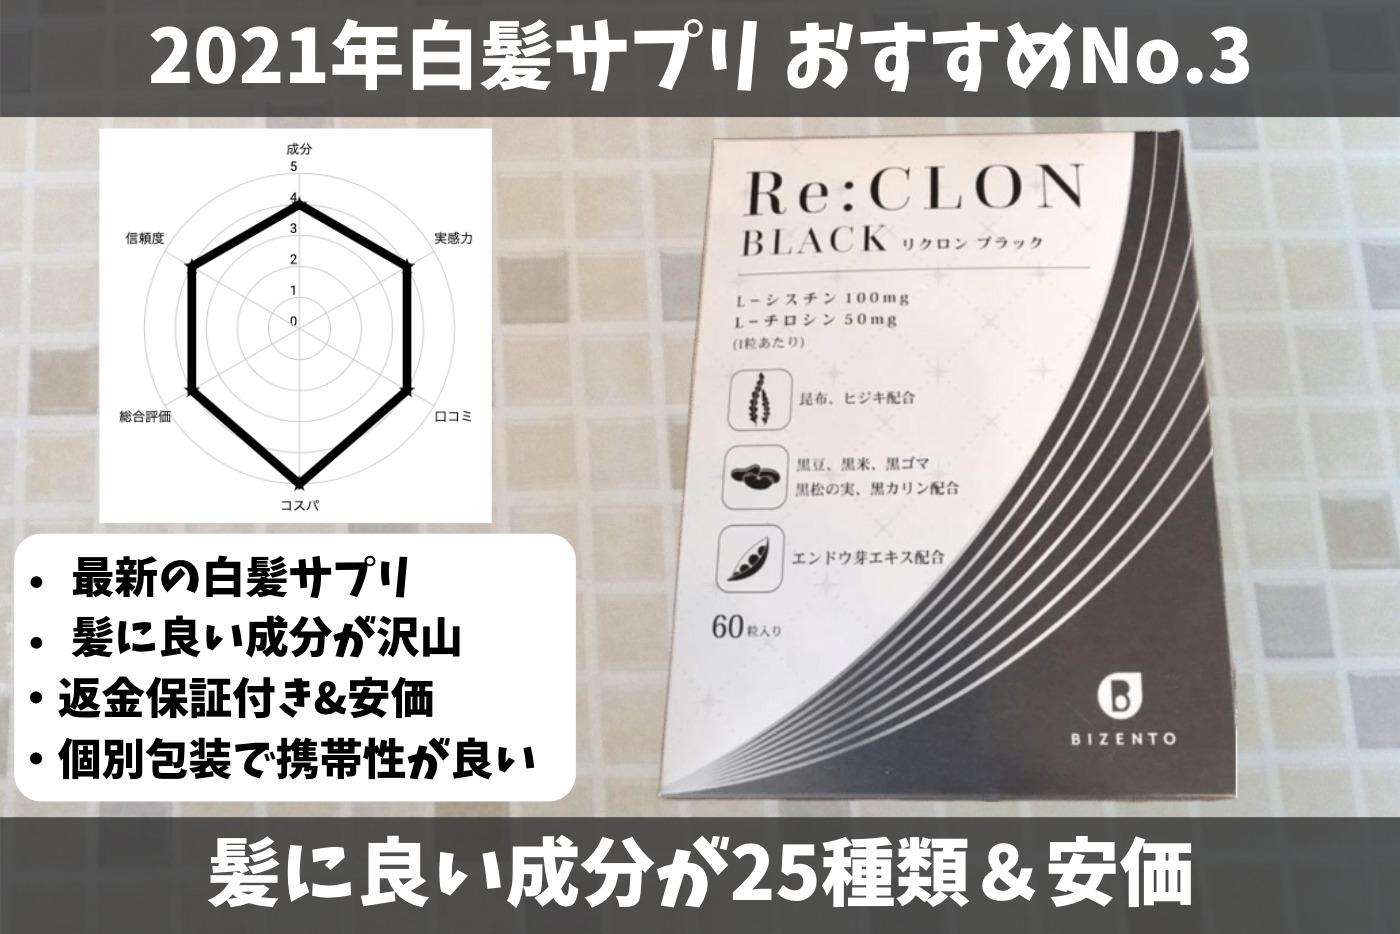 新リクロン